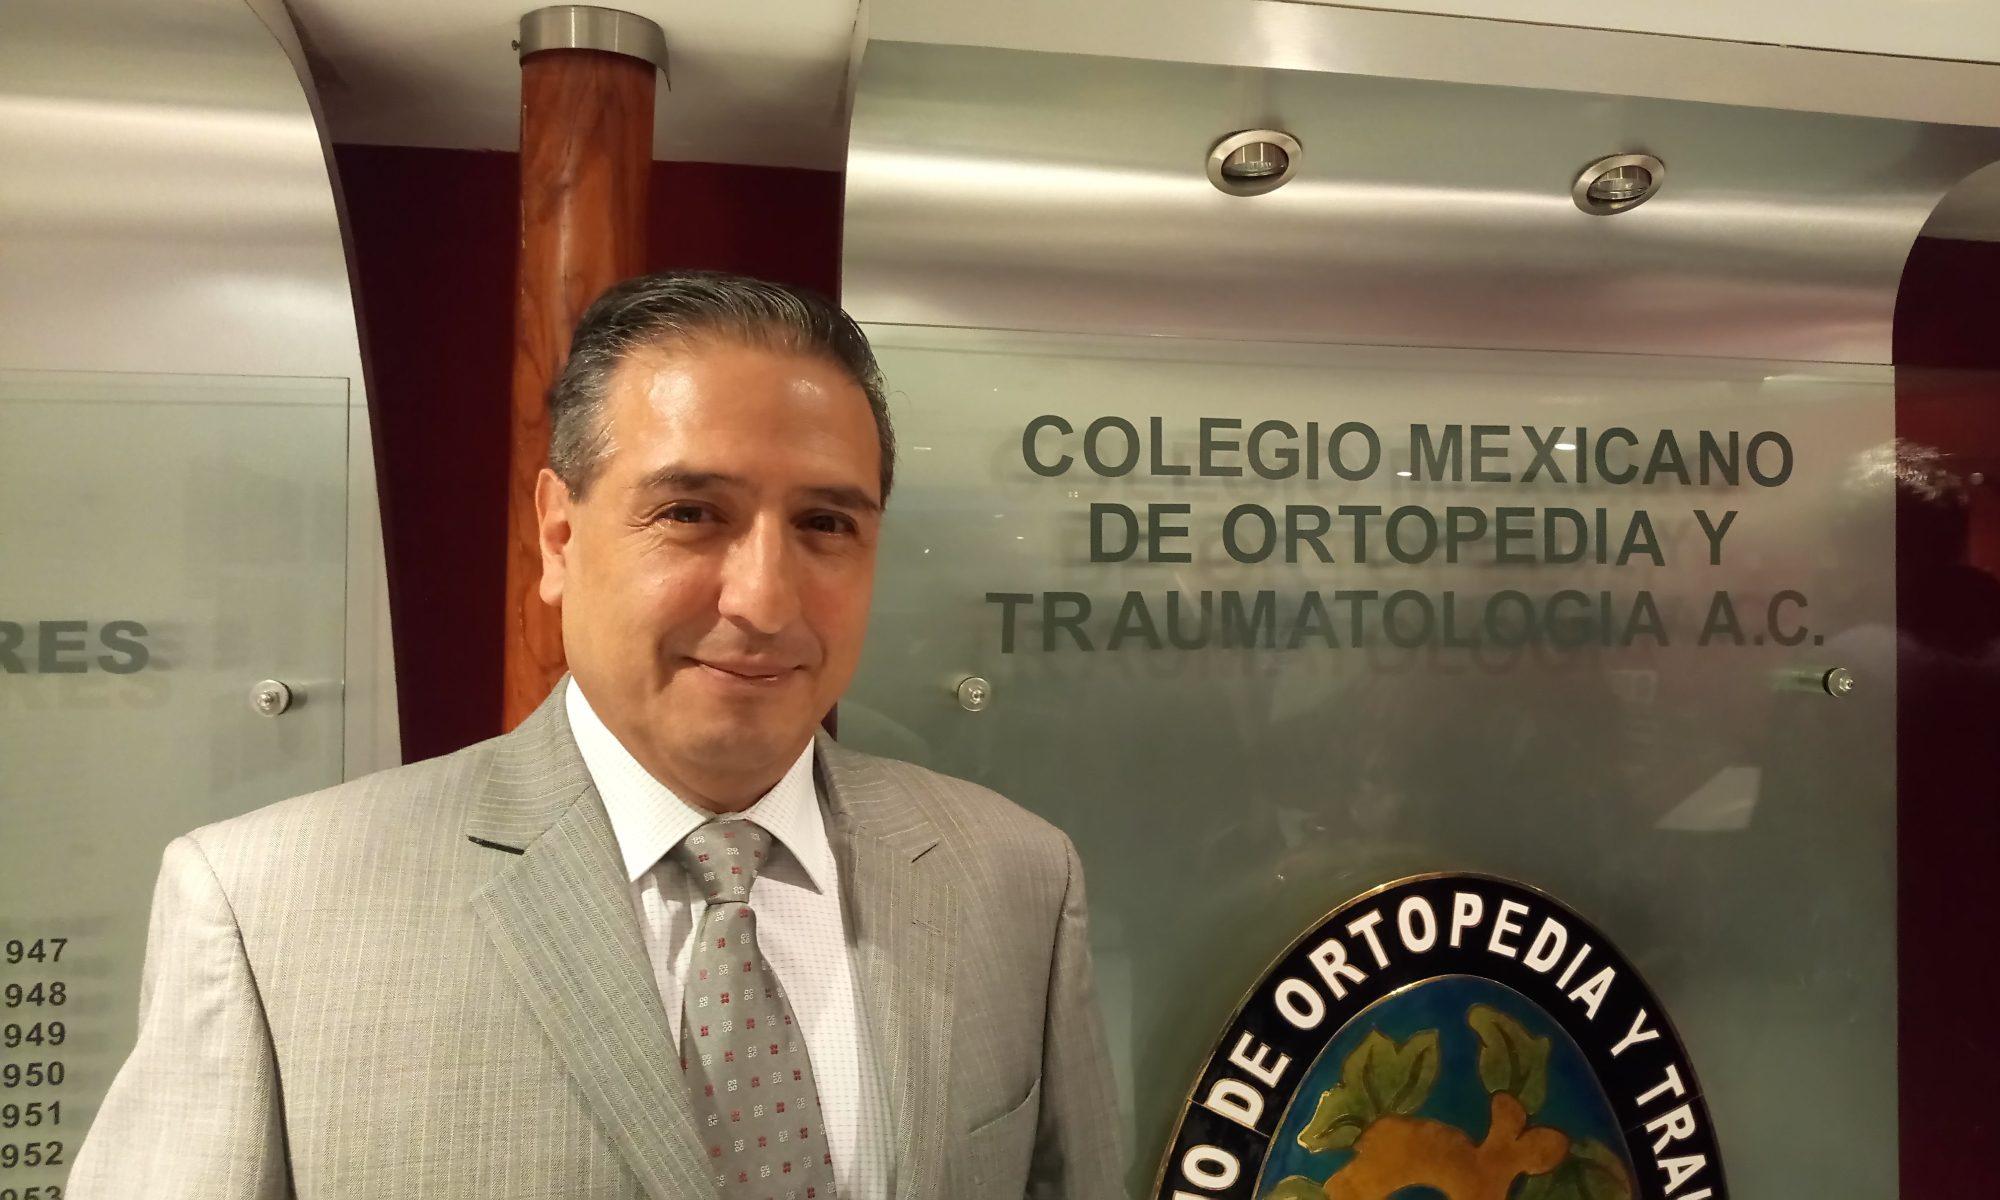 Dr Raúl Eduardo Tovilla Cruz